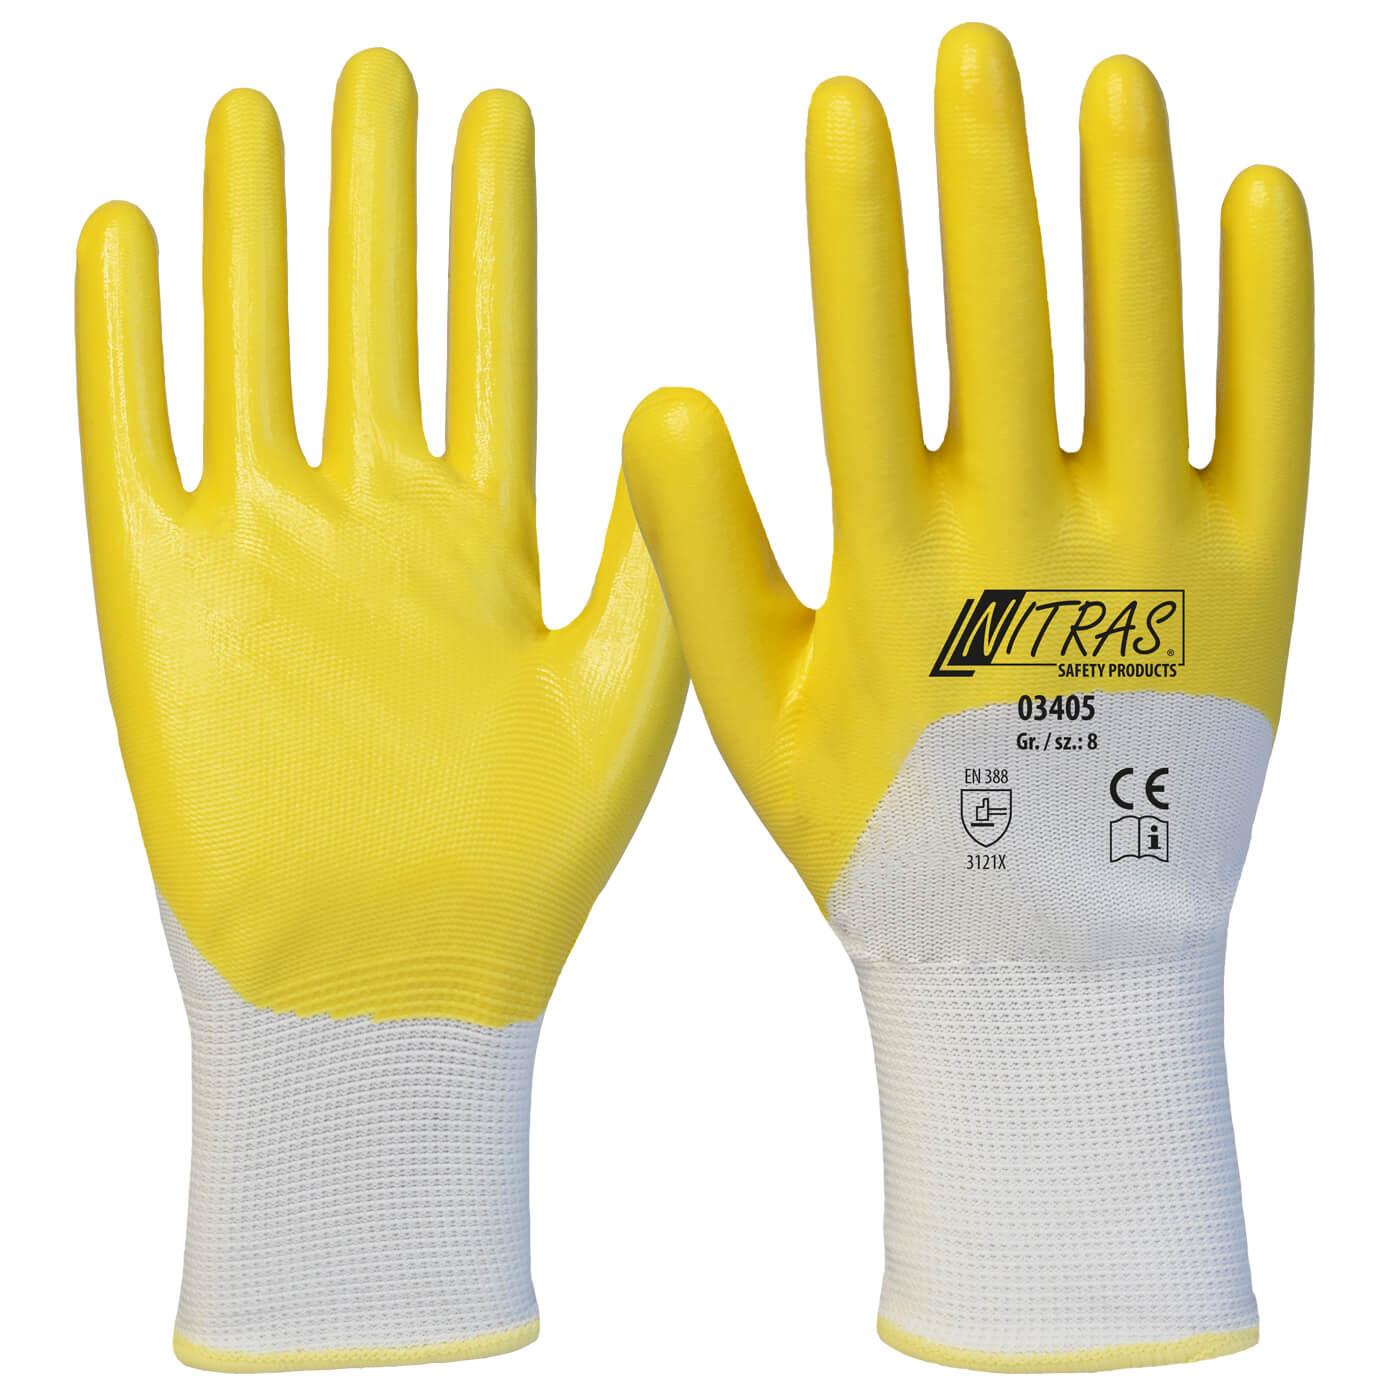 Rękawice nitrylowe Nitras 03405